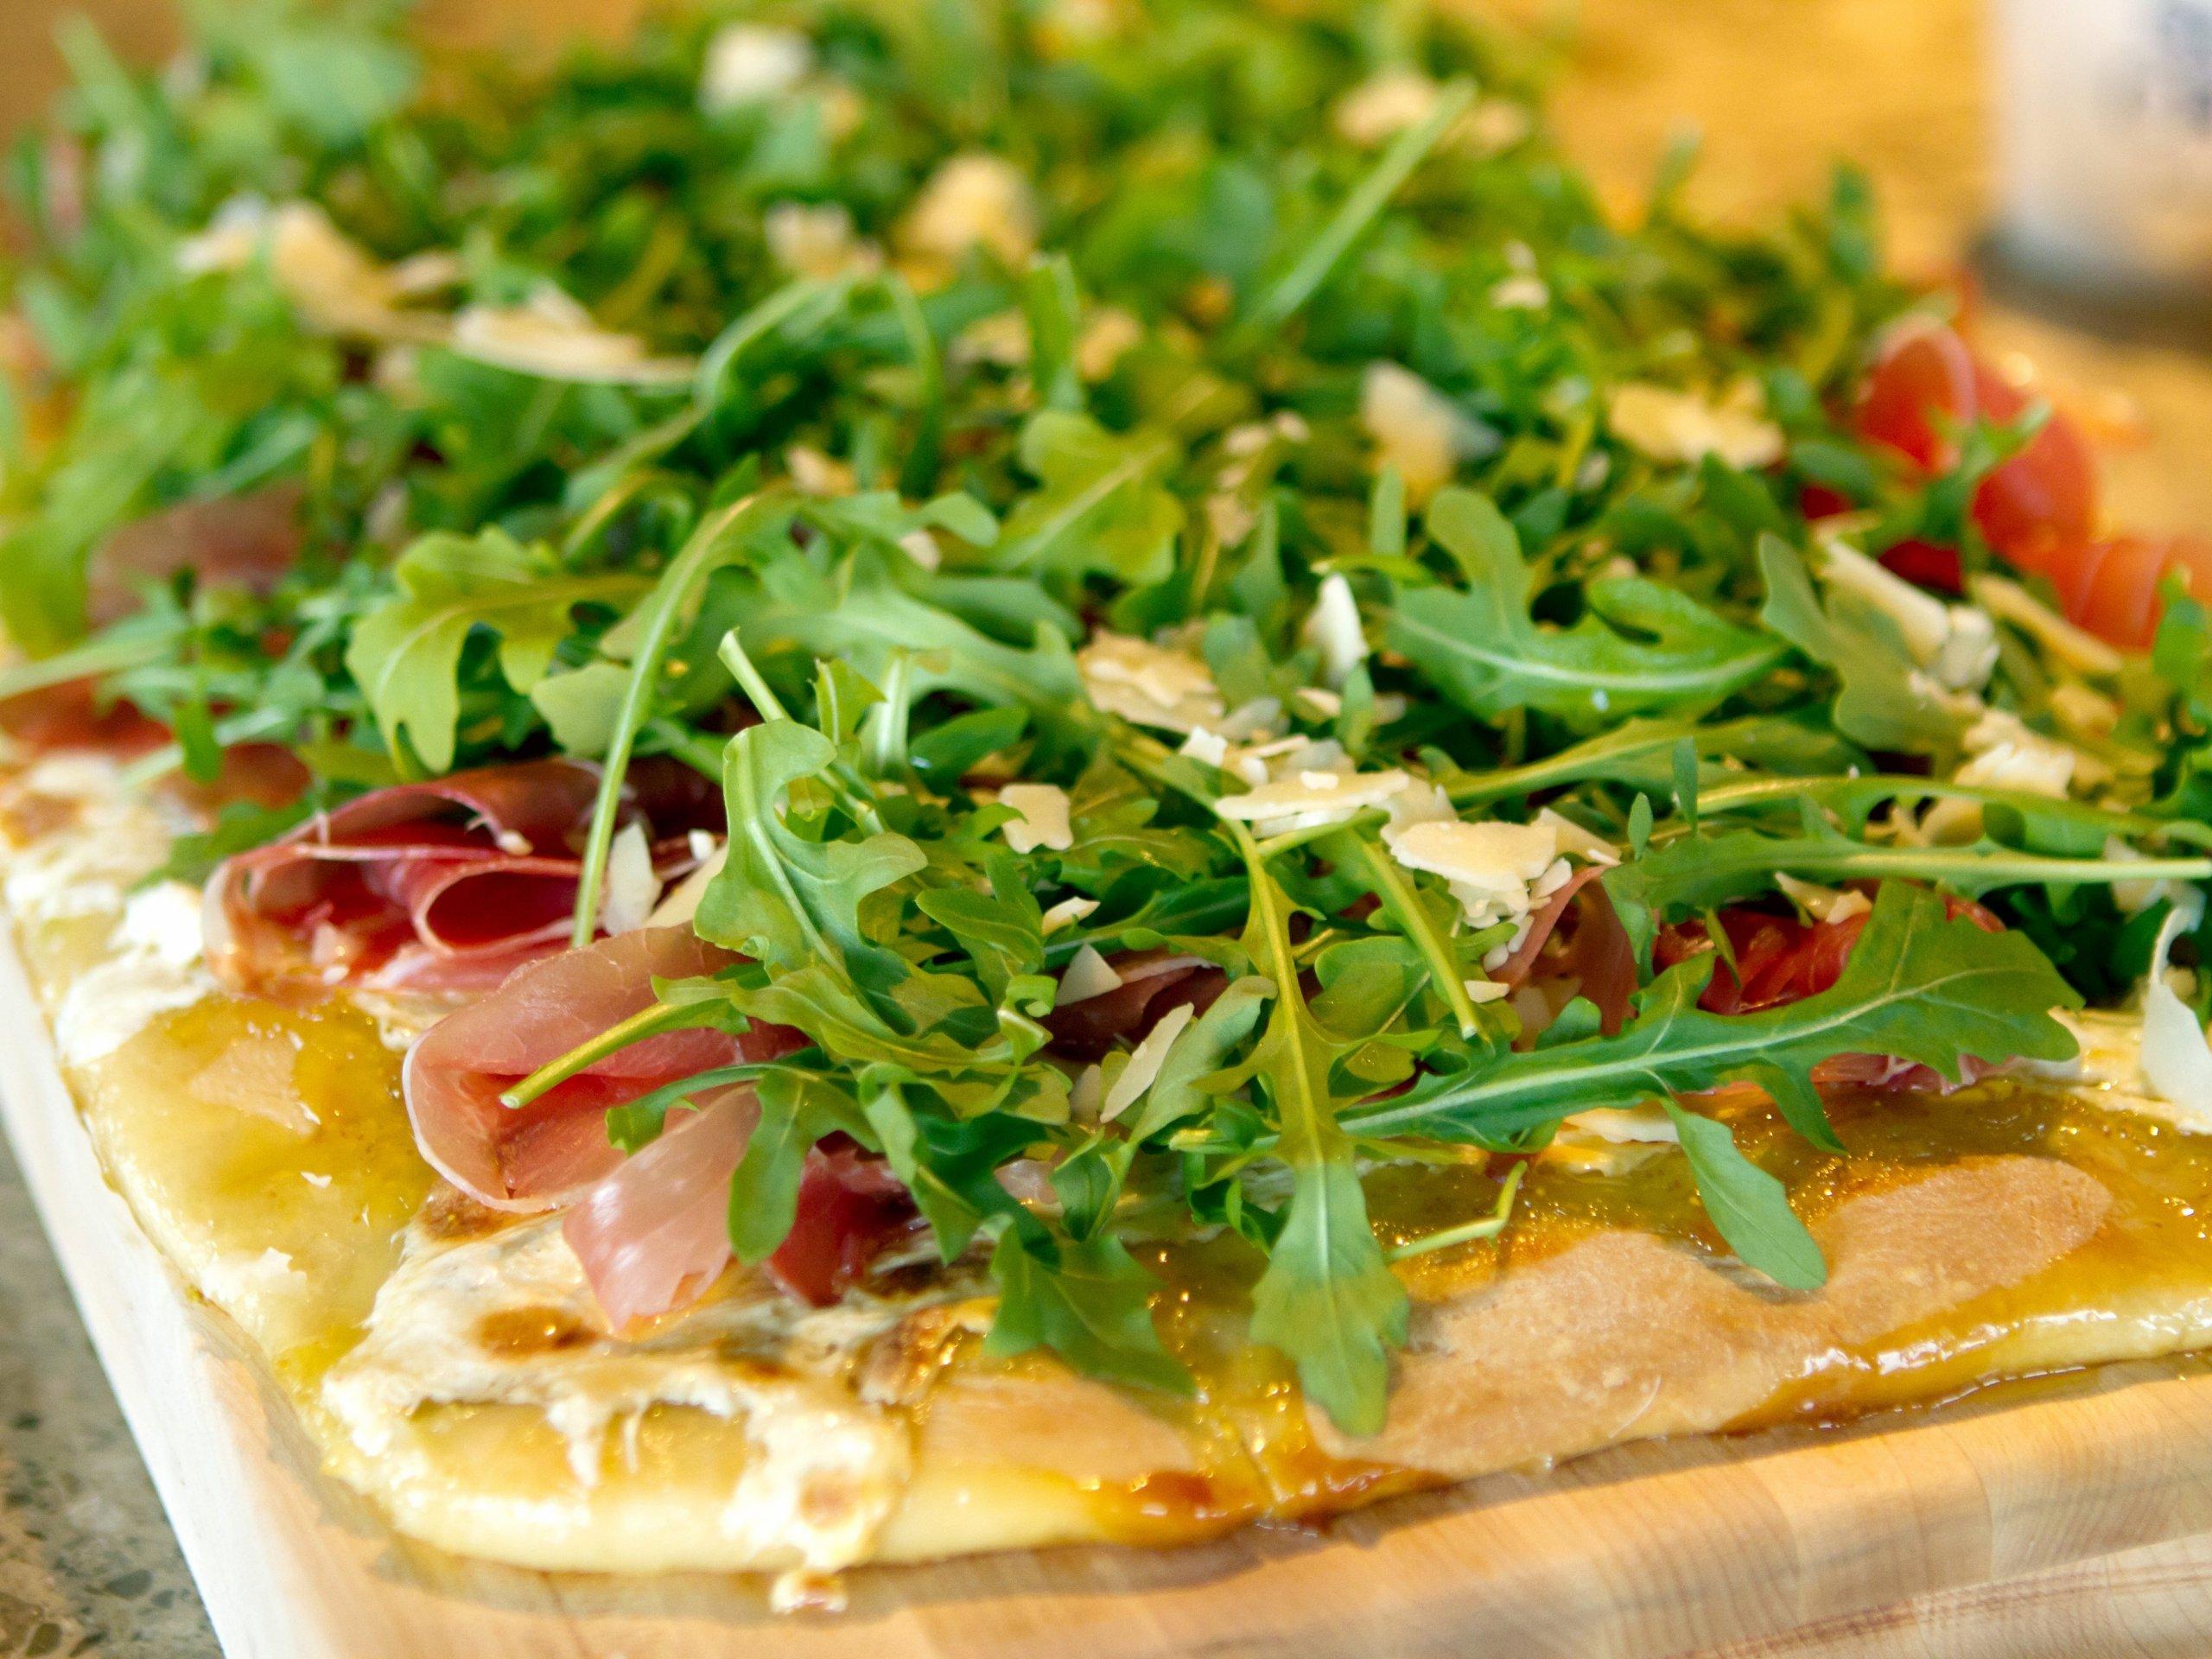 Rukola dodává jídlu svěží hořkost. Hodí se jako příloha k masům, ale i jako hlavní ingredience do salátů. Ve středomoří se přidává takřka ke každému jídlu, svoji oblibu si pomalu získává i u nás. Rukola nejen výborně chutná, má i příznivé účinky na naše zdraví a mimo jiné podporuje imunitní systém. Salát z Rukoly s cherry rajčátky a mozzarellou je skvělý a lehký pokrm nejen v teplých letních dnech. Tato kombinace zeleniny a sýru našla své místo i na pizzách.Jak na ni?